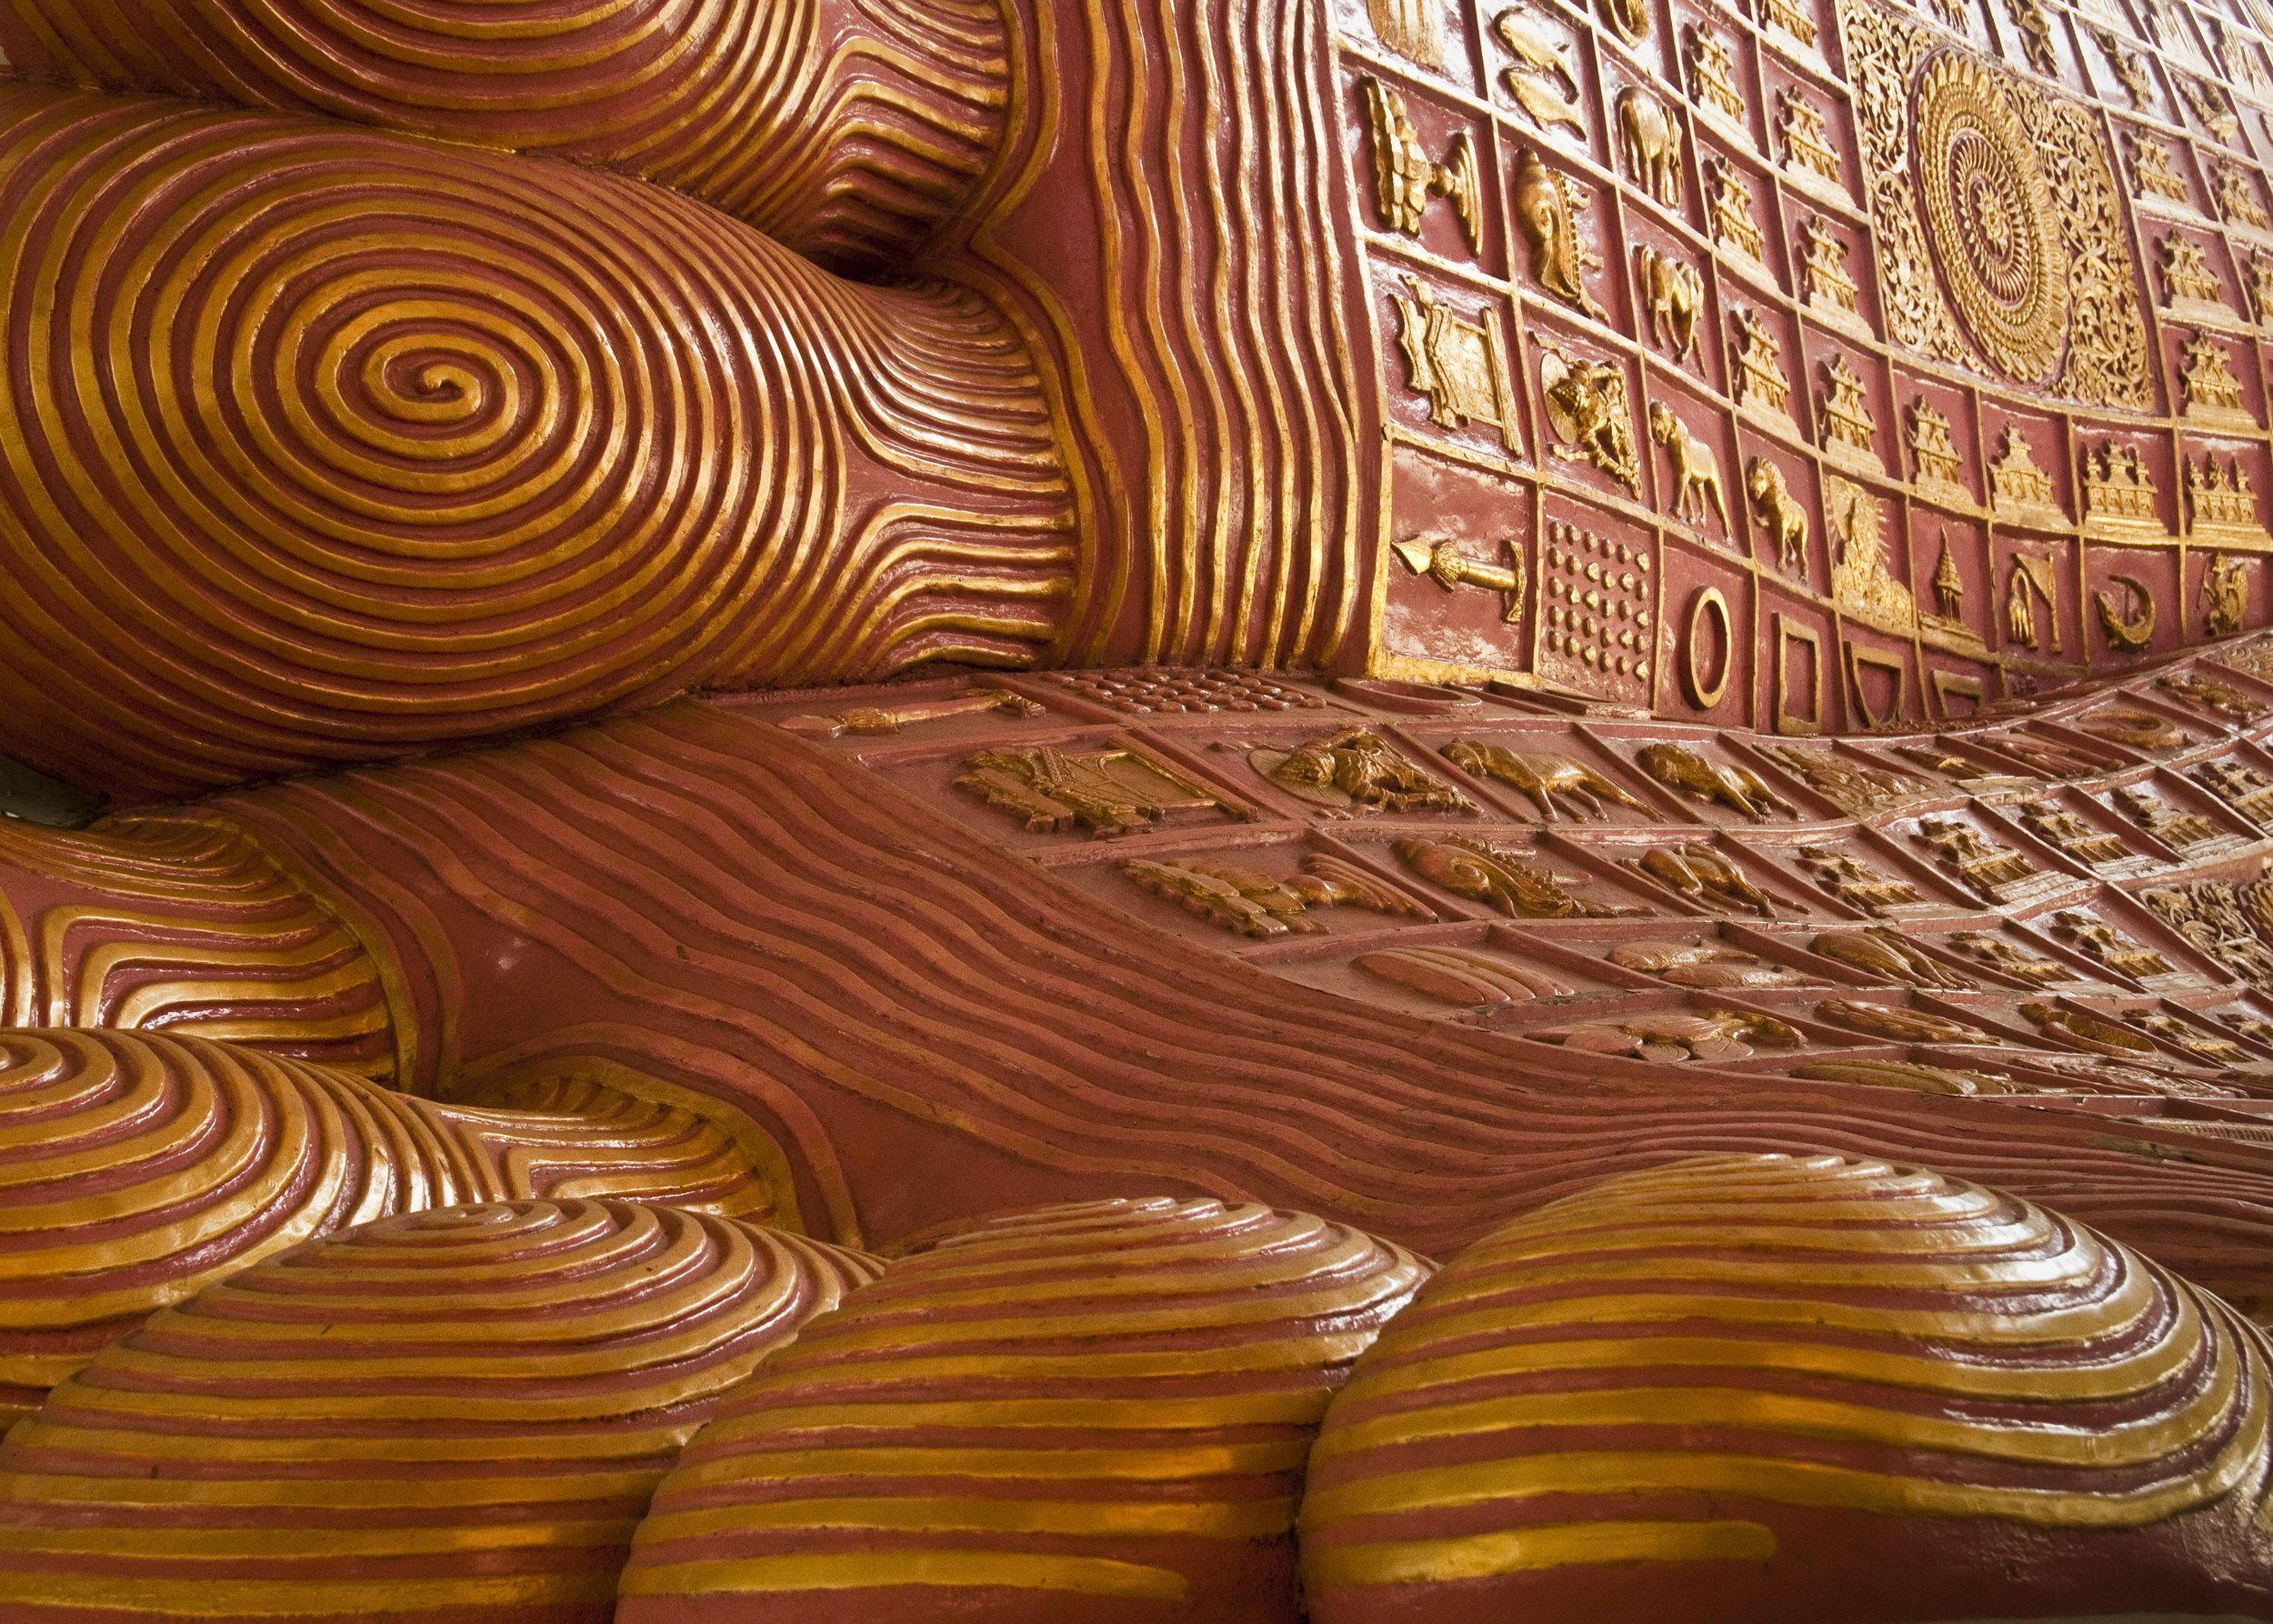 Zach - Chaukhtatgyi Paya Reclining Buddha Feet Yangon.jpg